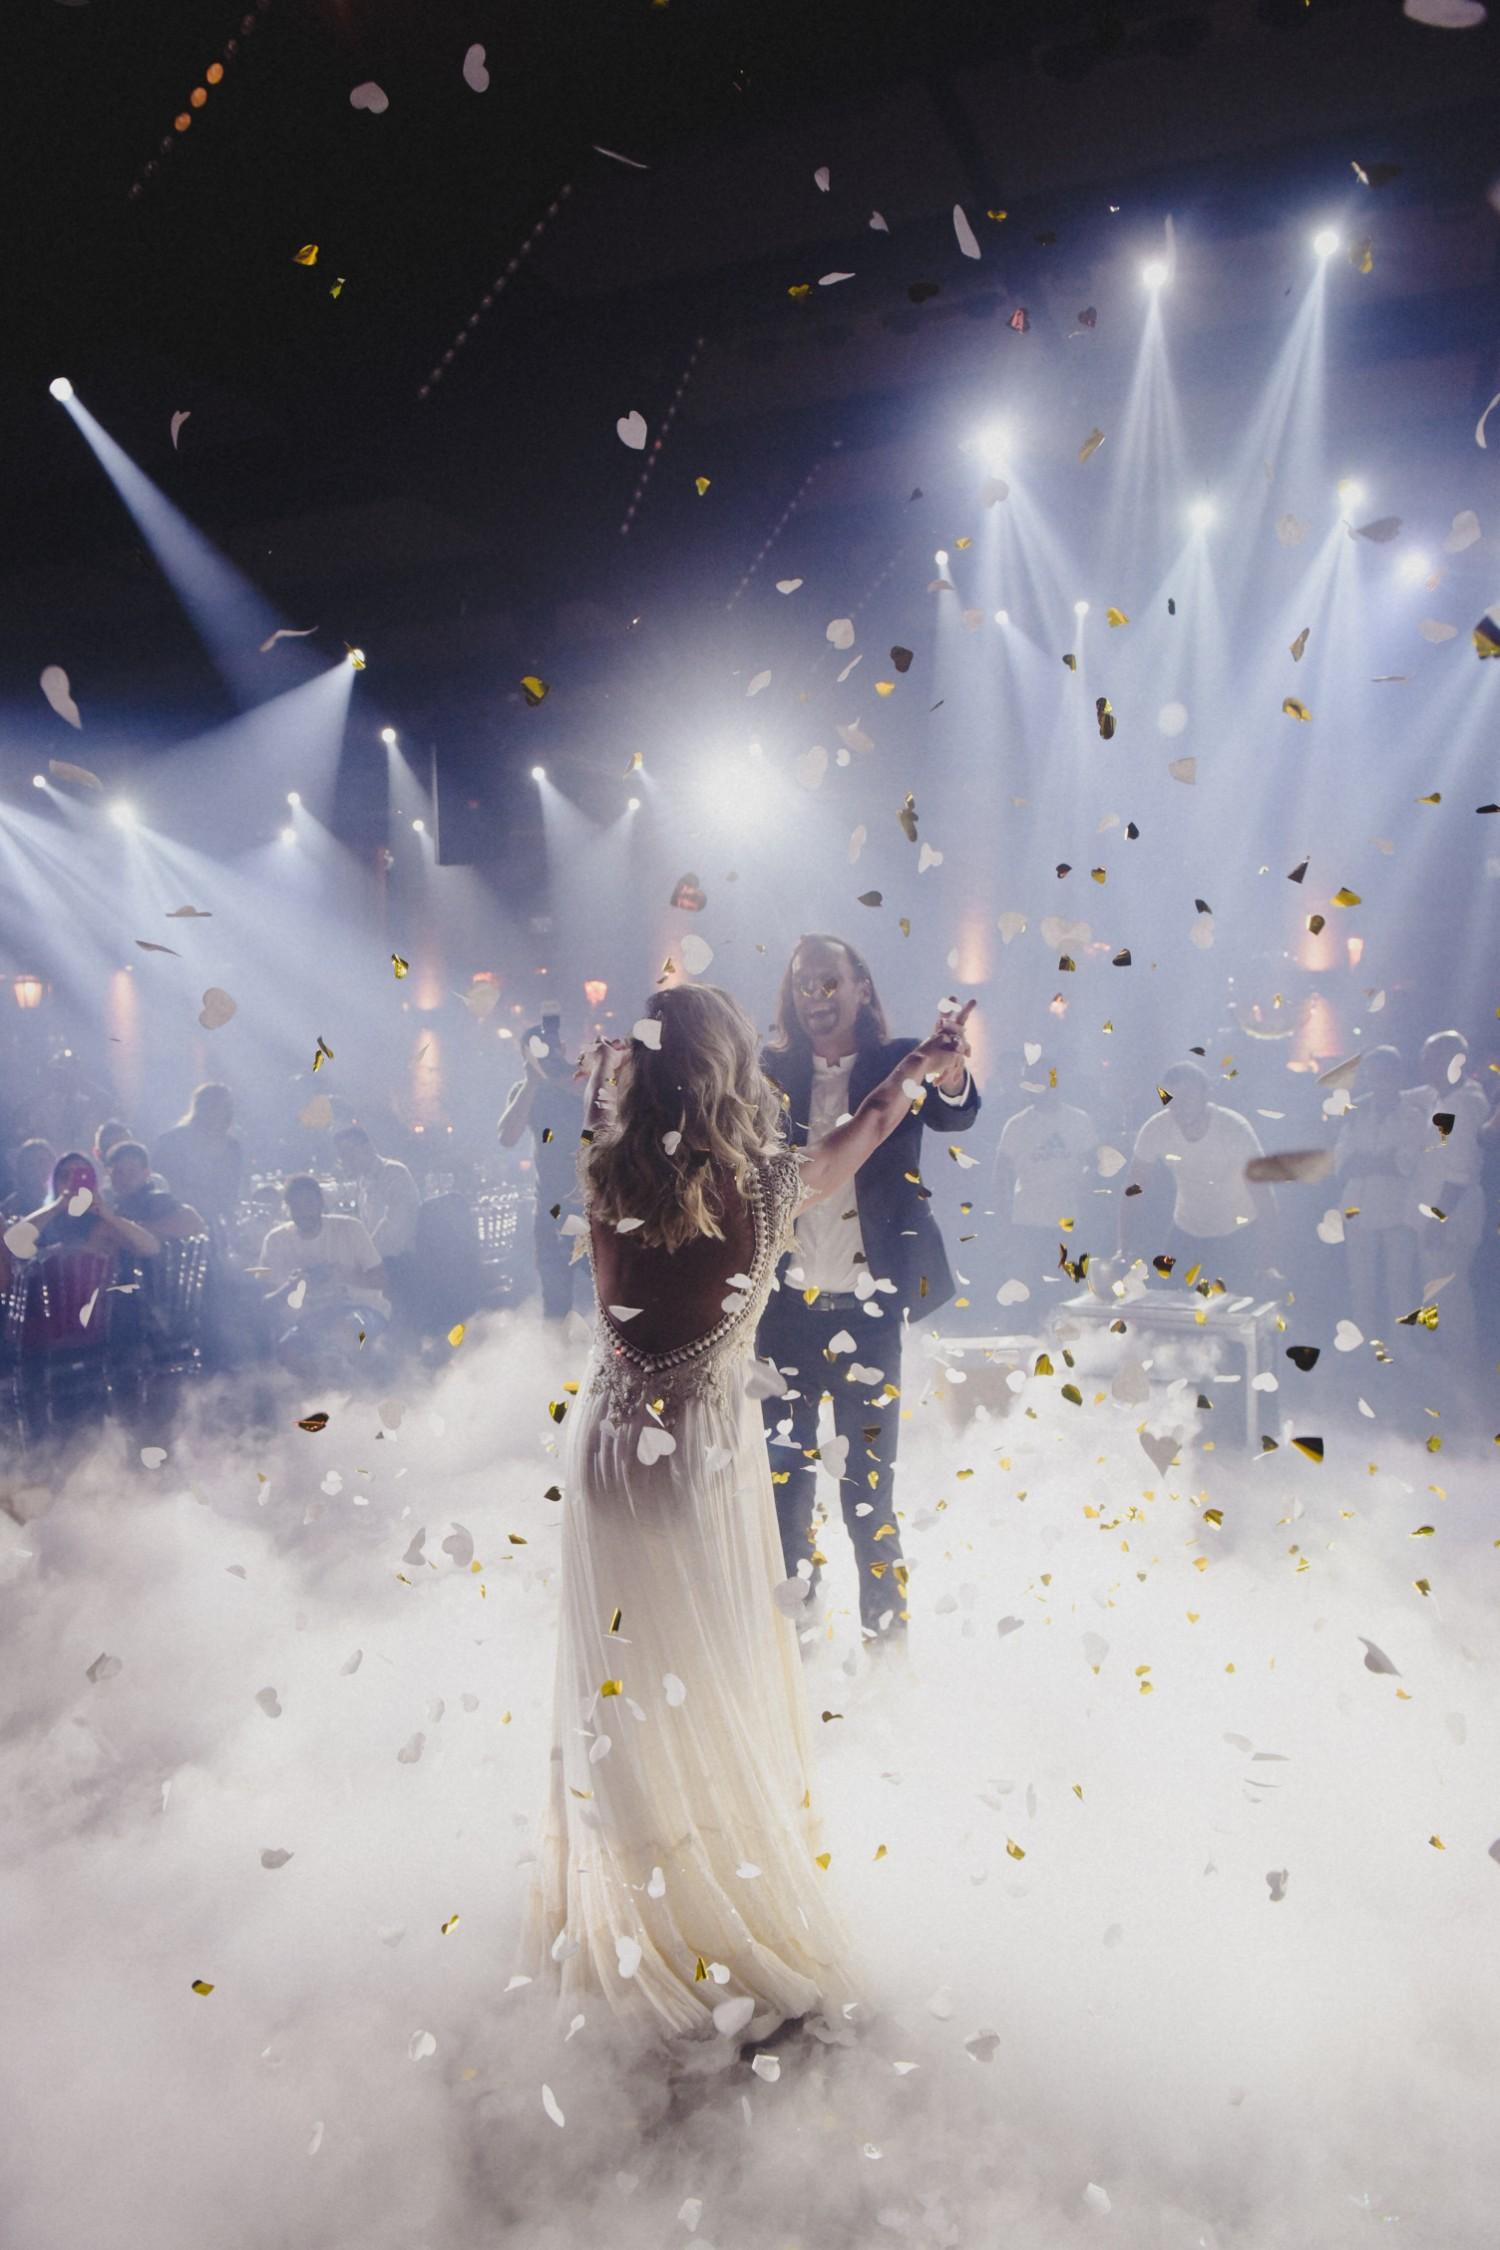 התאהבו על הגל: החתונה של ג'וליה שרה ויאיר